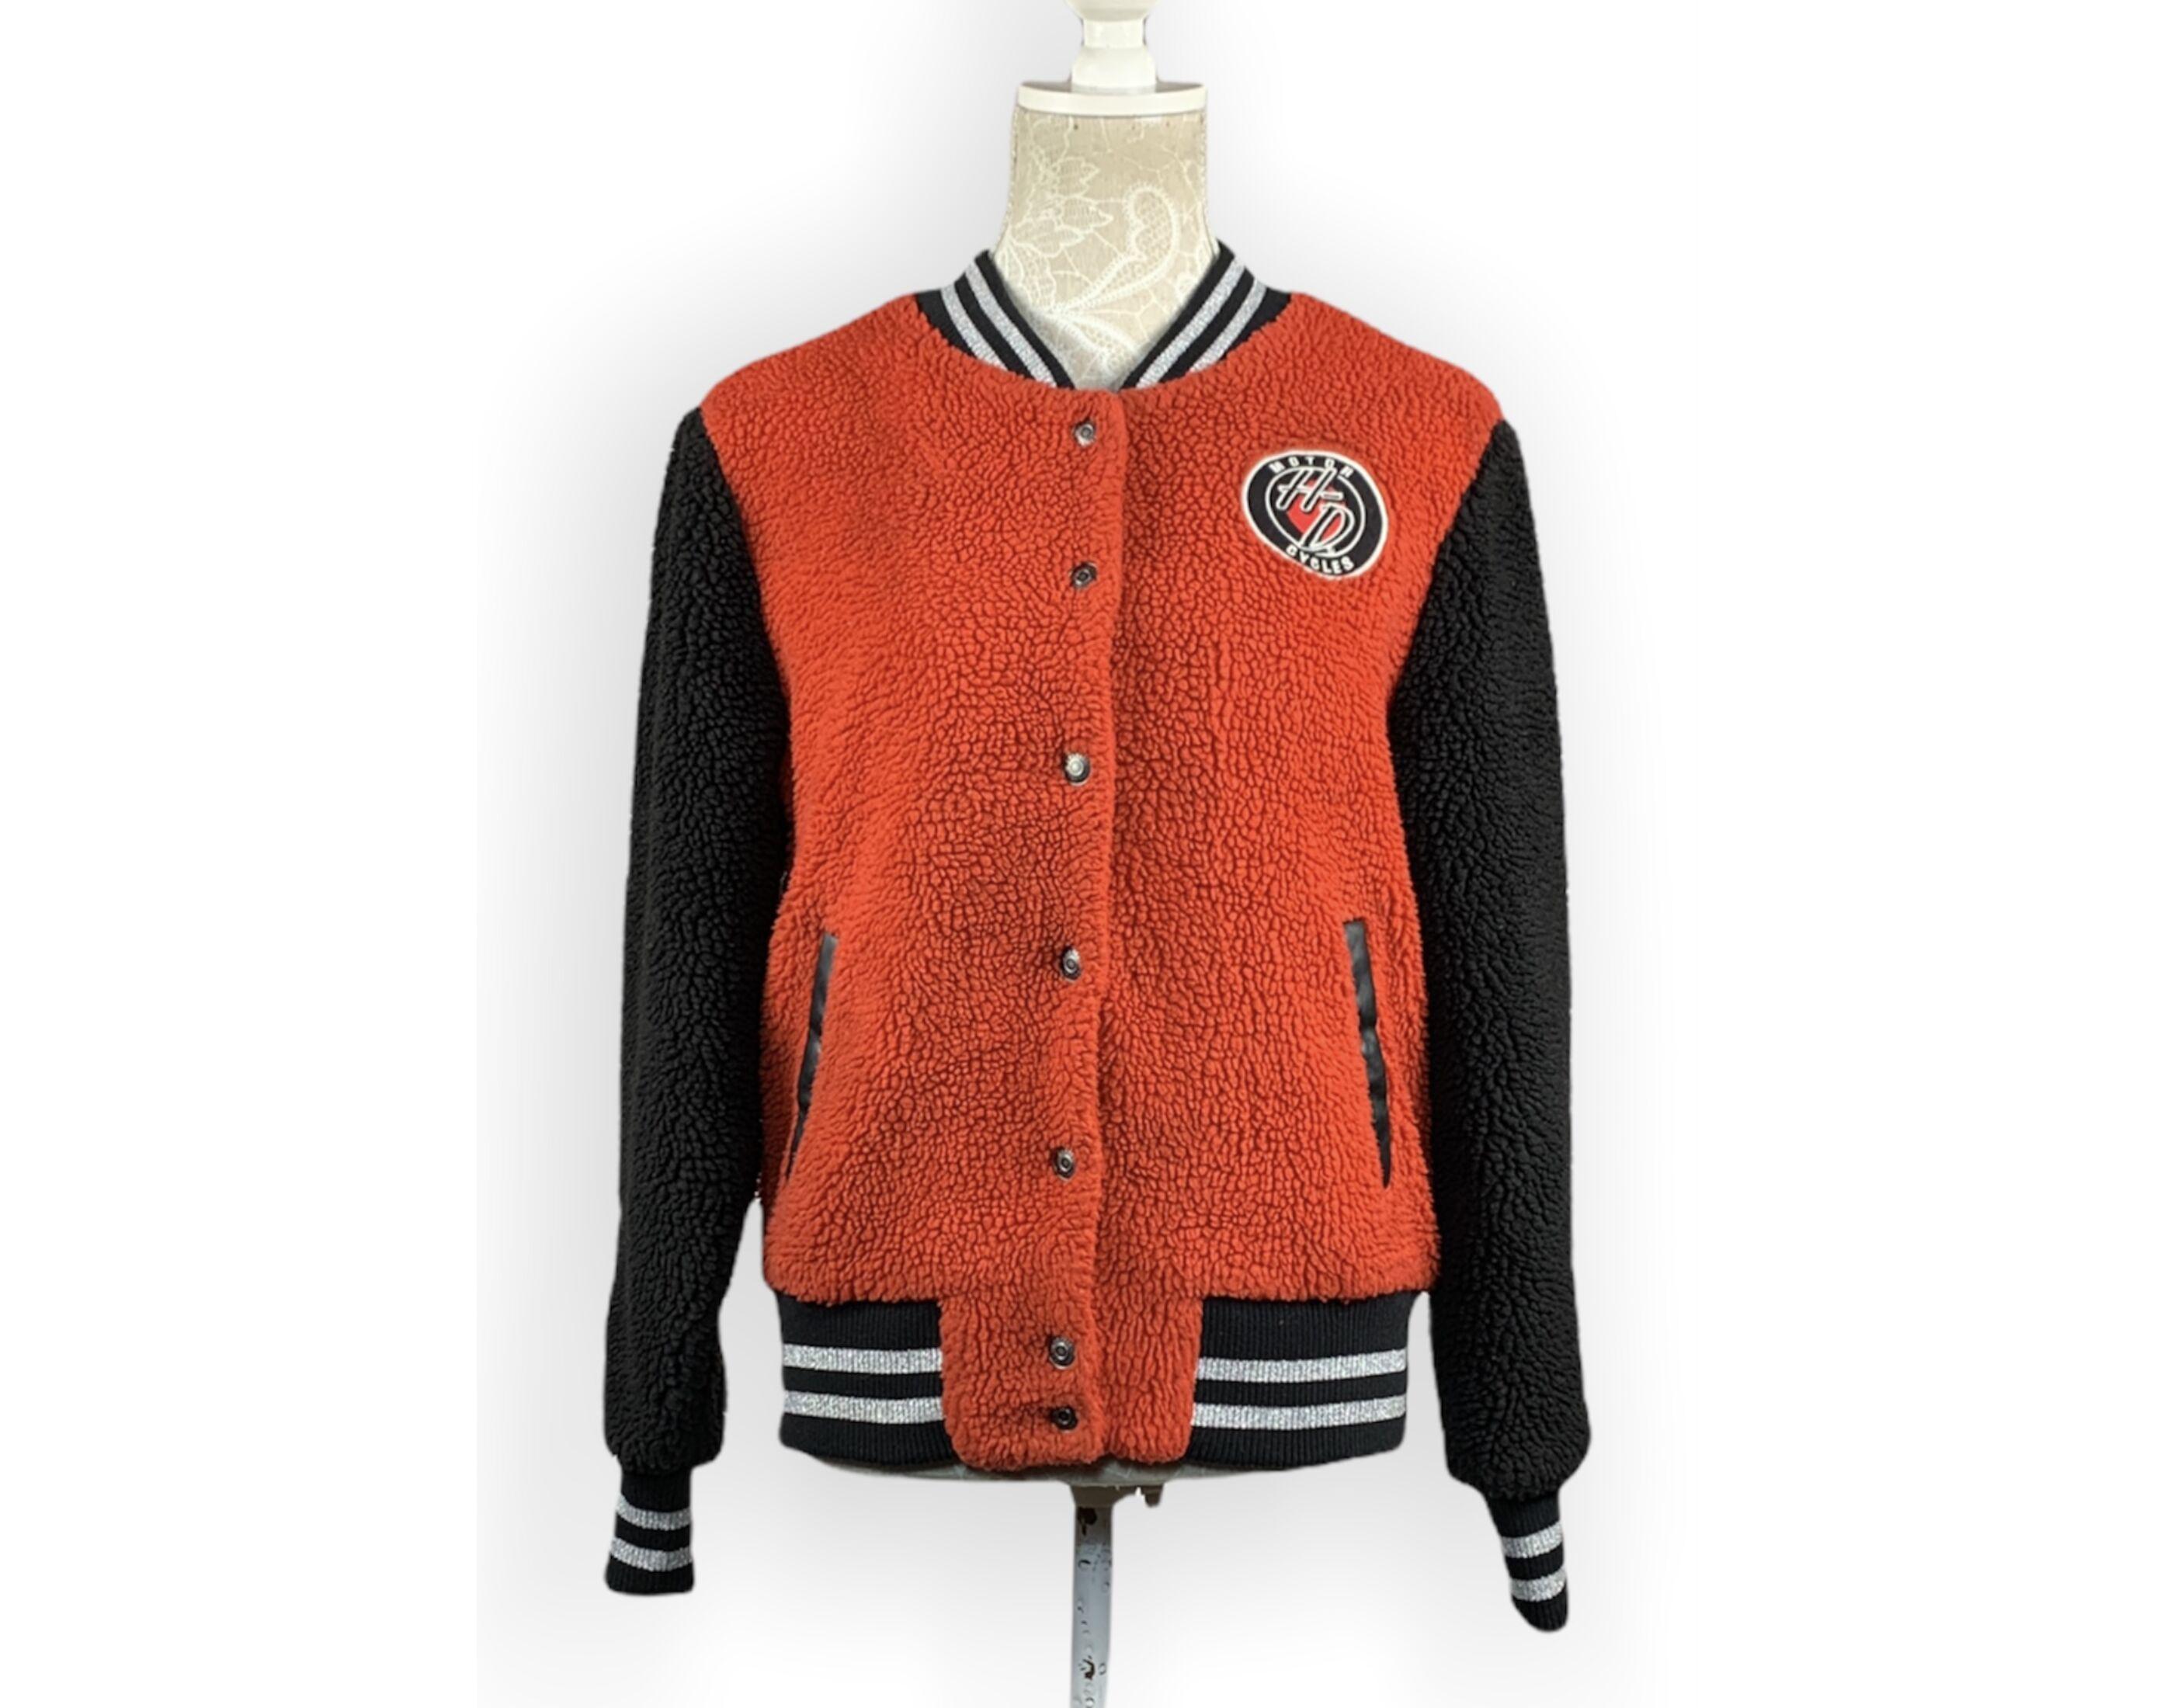 Harley Davidson kabát (M)